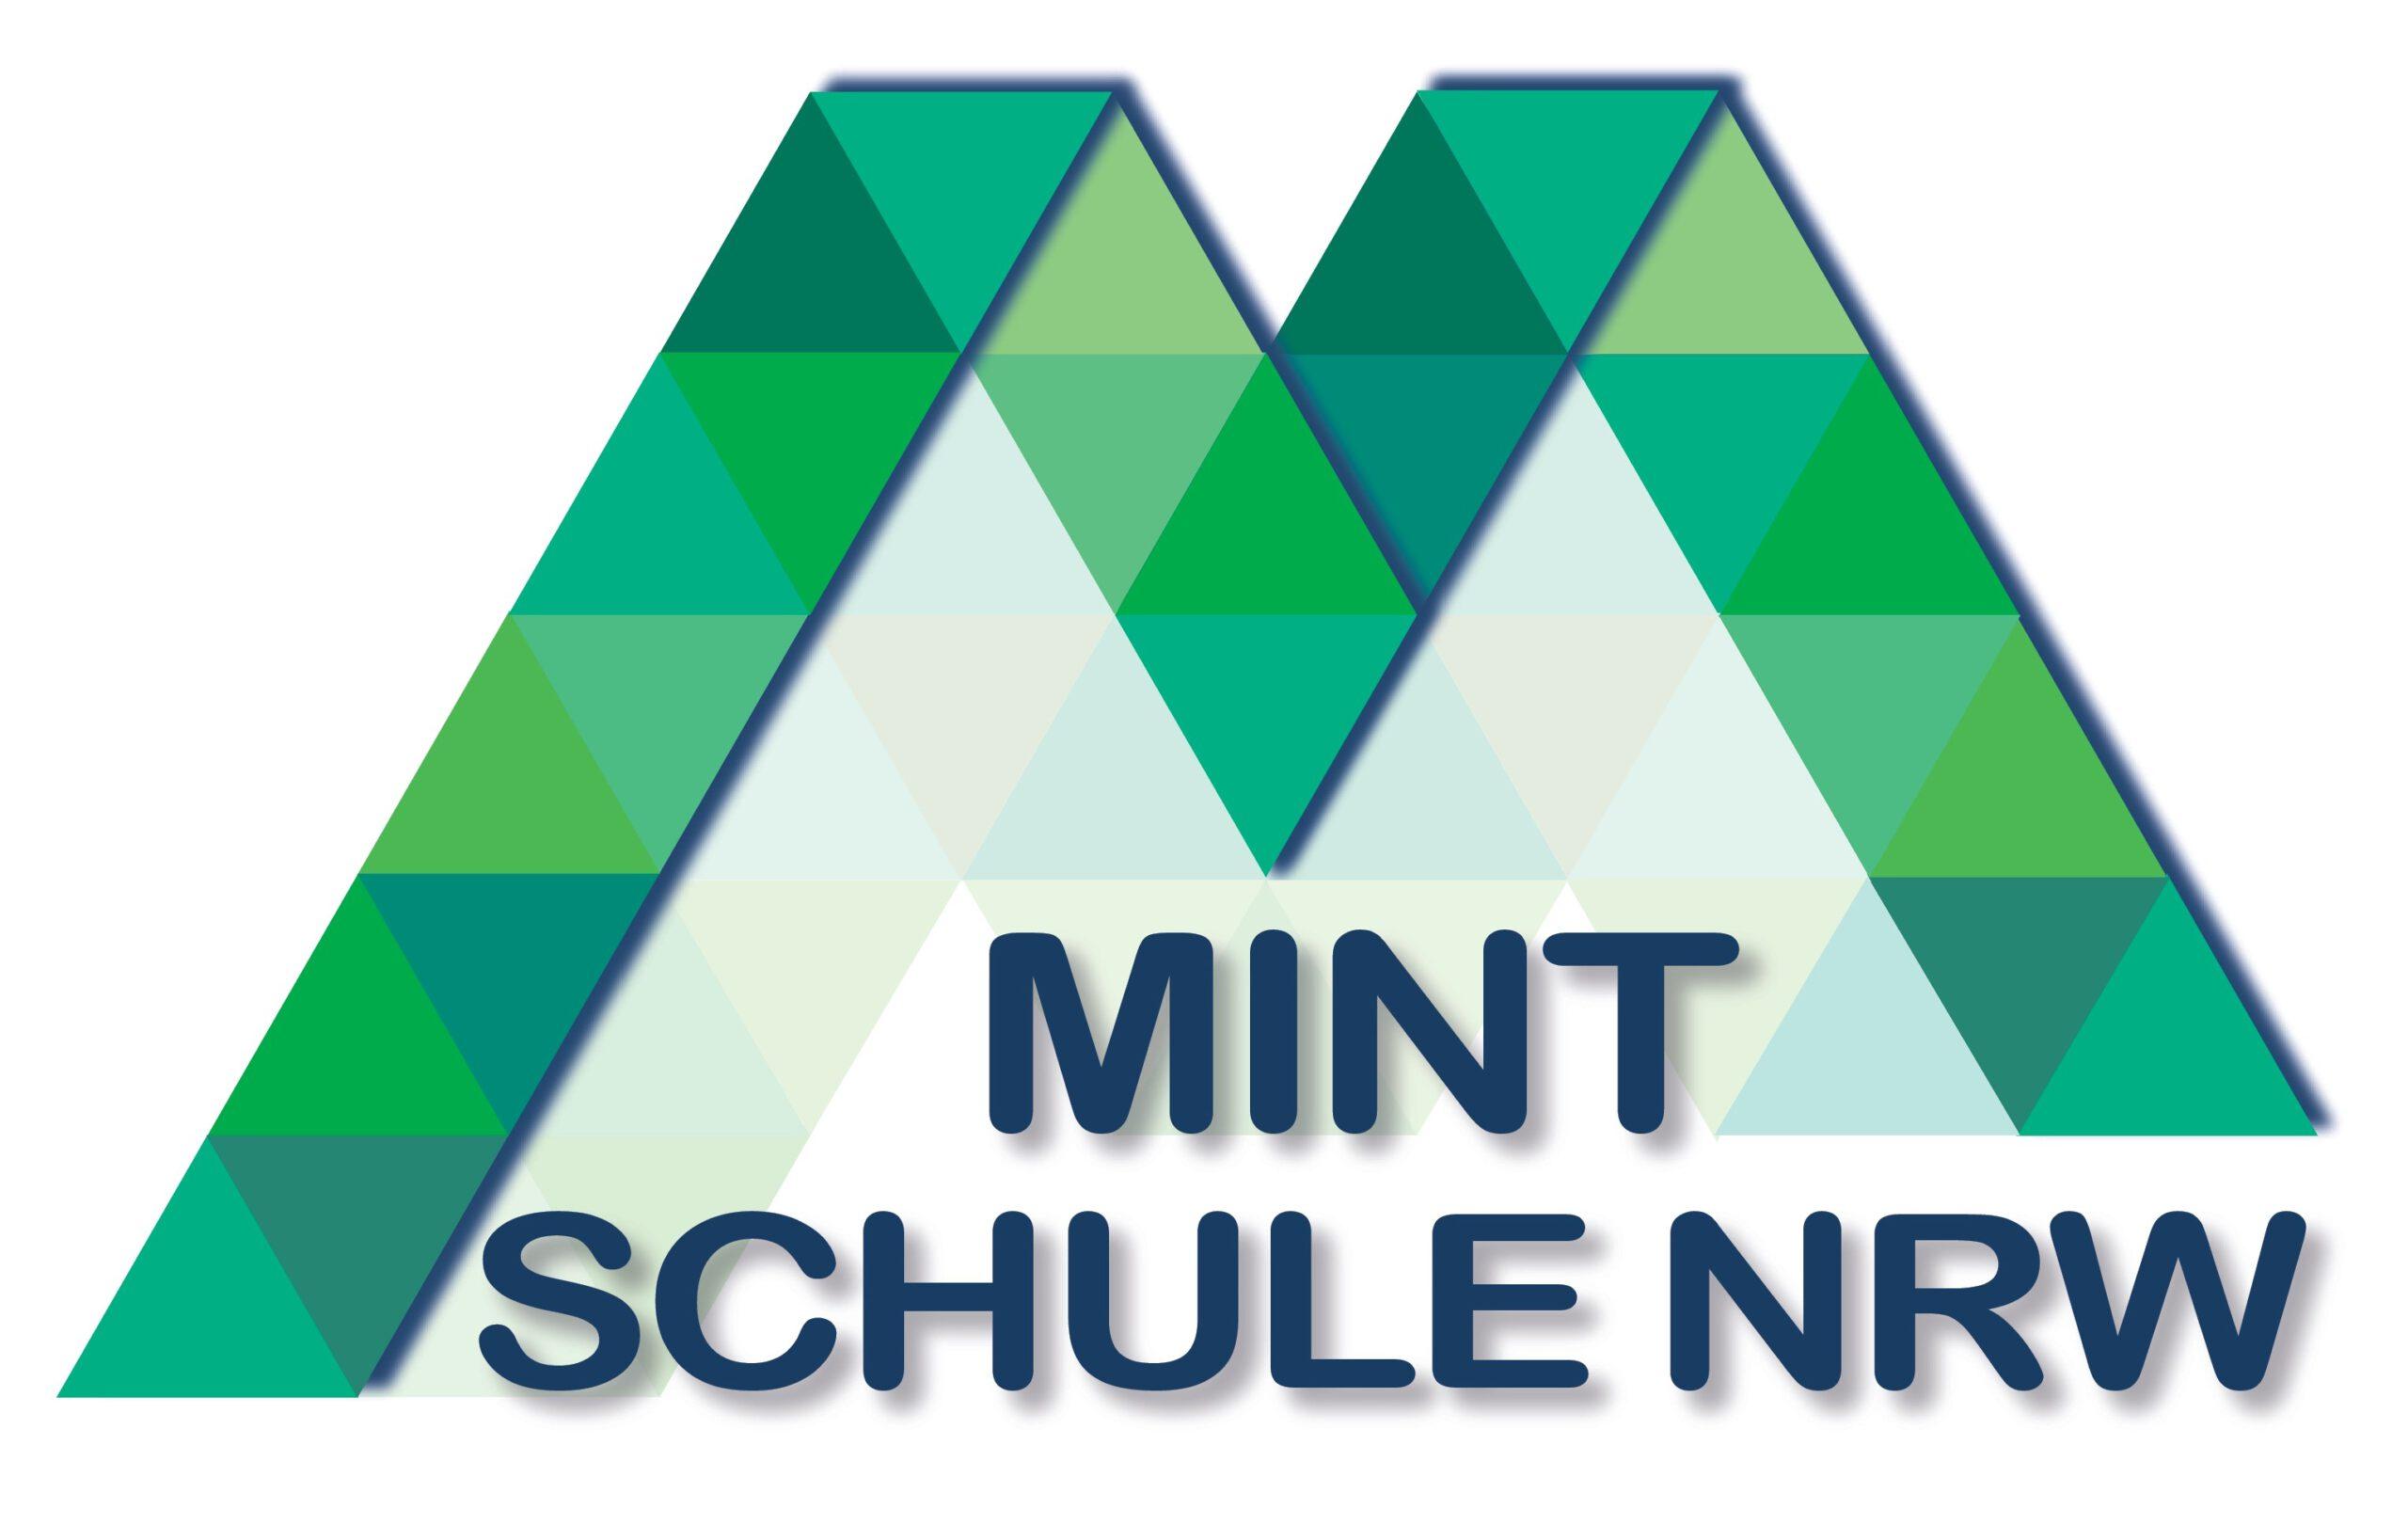 """Friedensschule als """"MINT-Schule NRW"""" ausgezeichnet"""